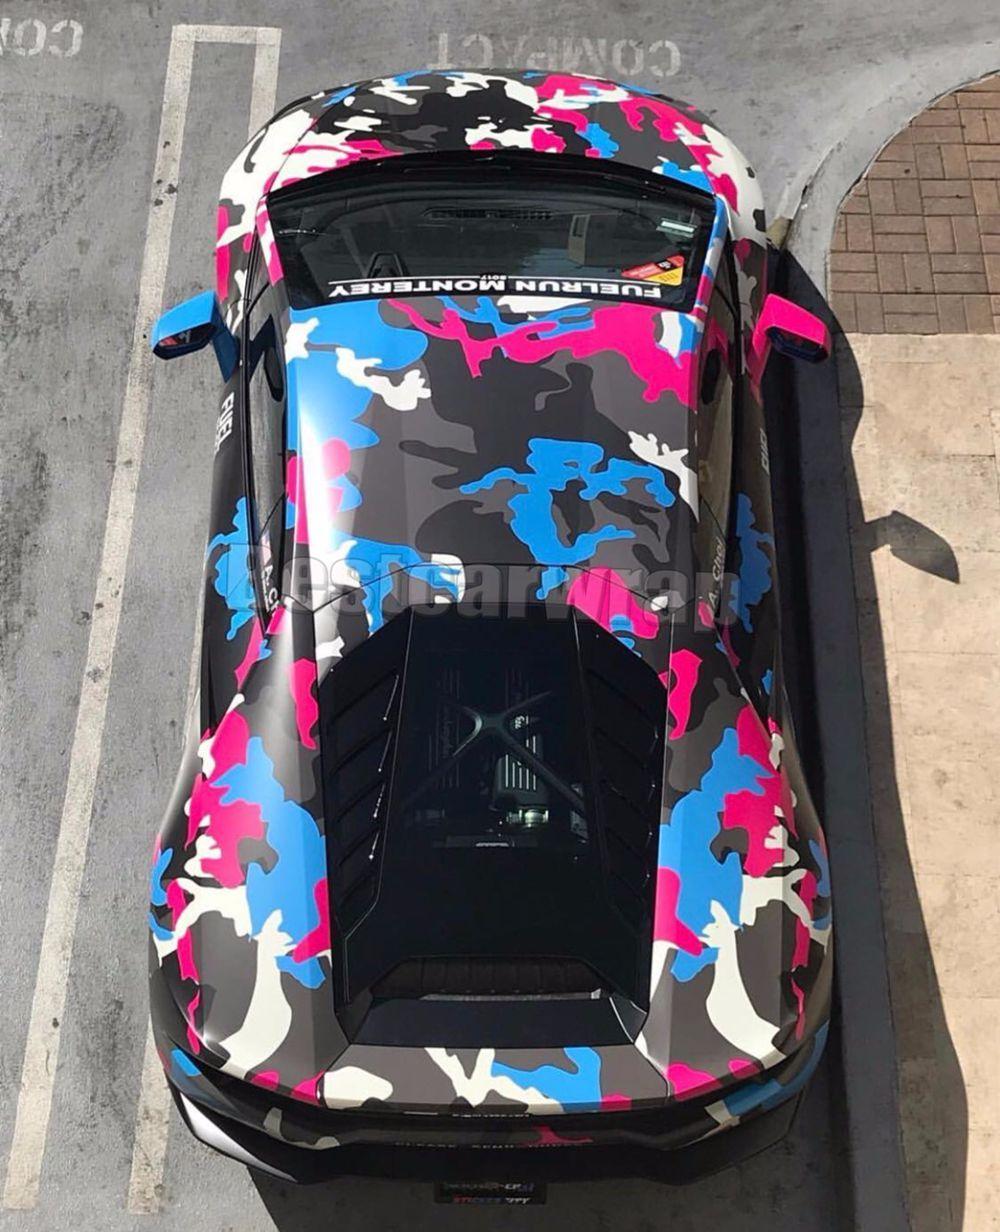 2019 красочный синий розовый черный камуфляж виниловая пленка для автомобиля автомобиль обертка графики камуфляж, покрывающие наклейки фольга с воздушным пузырем бесплатно 1.52x30m 5x98ft